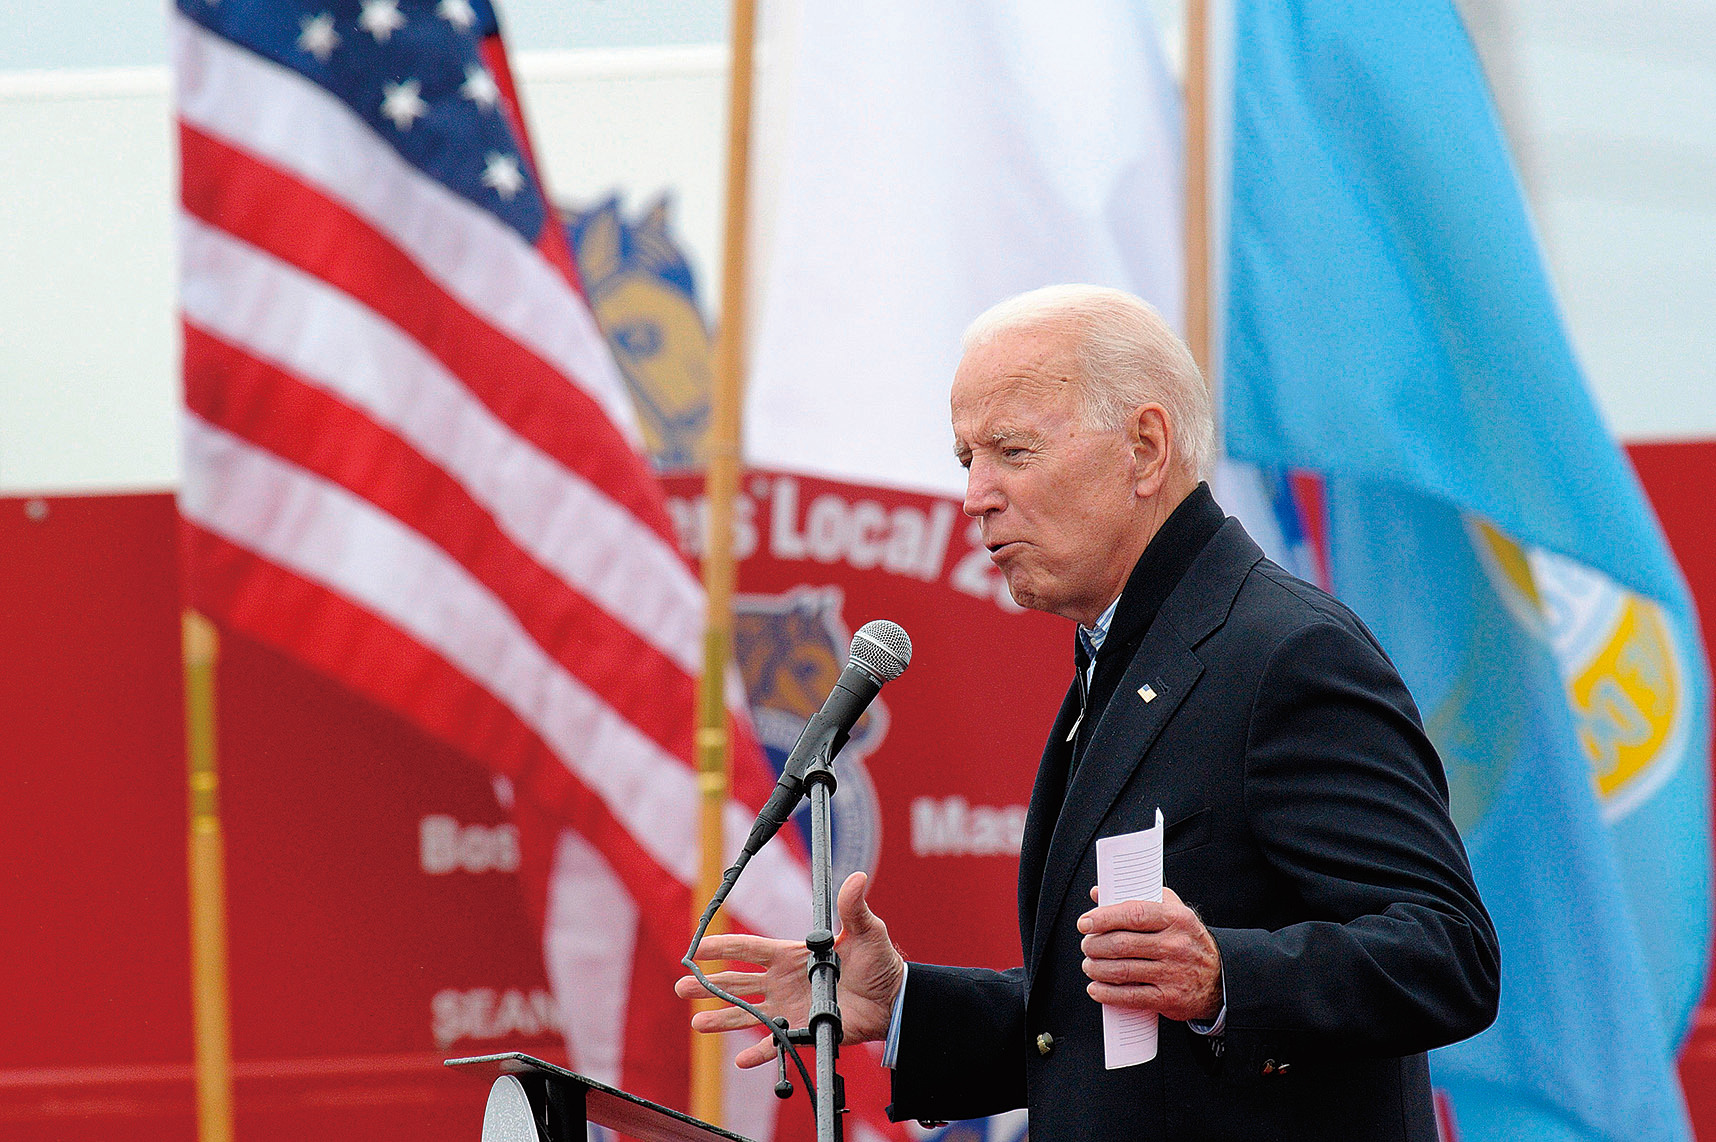 前副總統拜登在美國參與烏克蘭政治活動中發揮了重要作用,據稱導致了烏克蘭檢察官的解僱。(Getty Images)